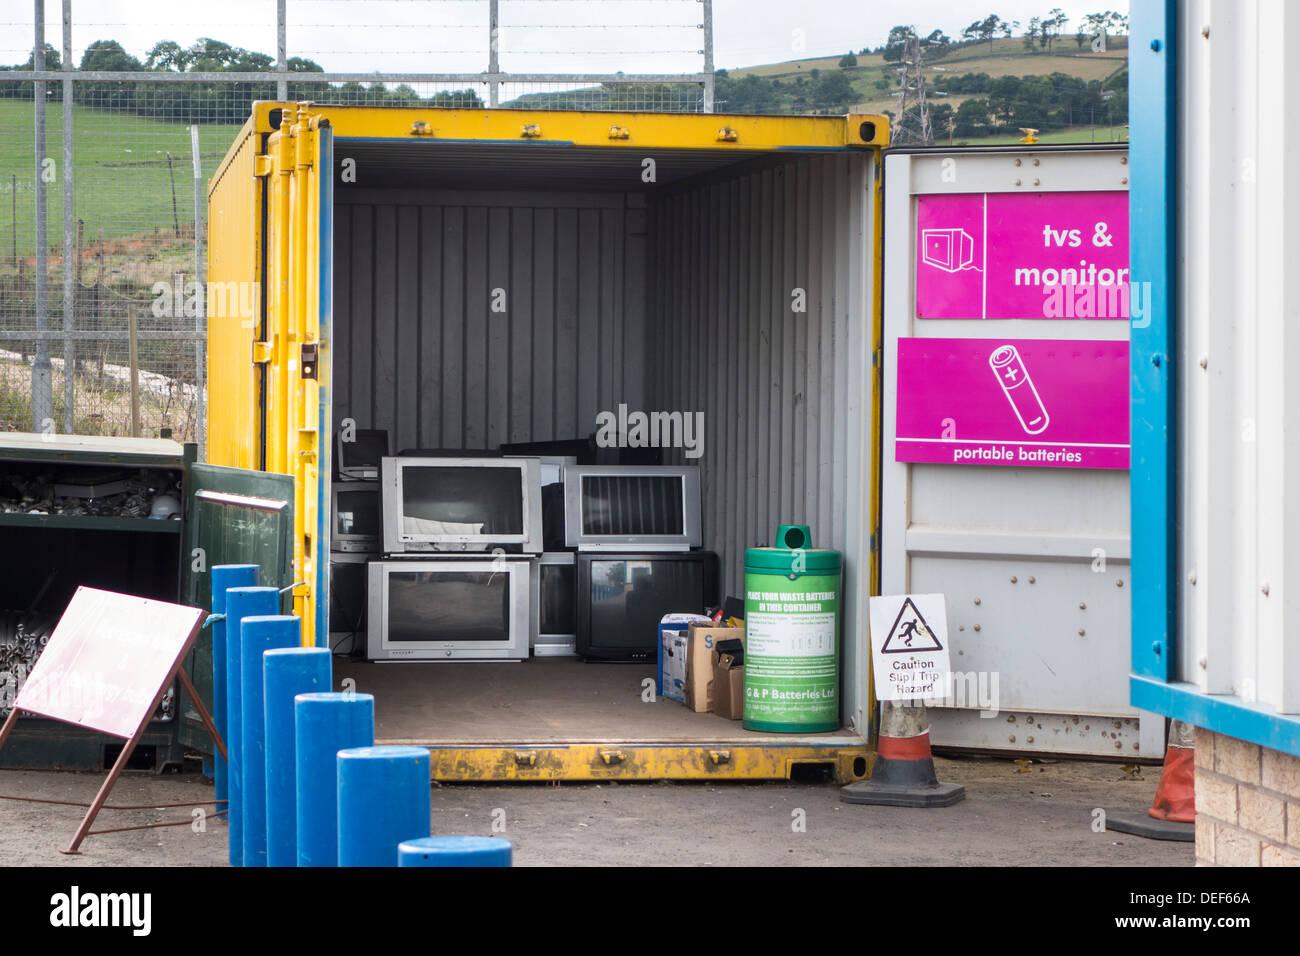 TV - riciclaggio di vecchi televisori oggetto di pratiche di dumping con un deposito di rifiuti, Scozia Immagini Stock